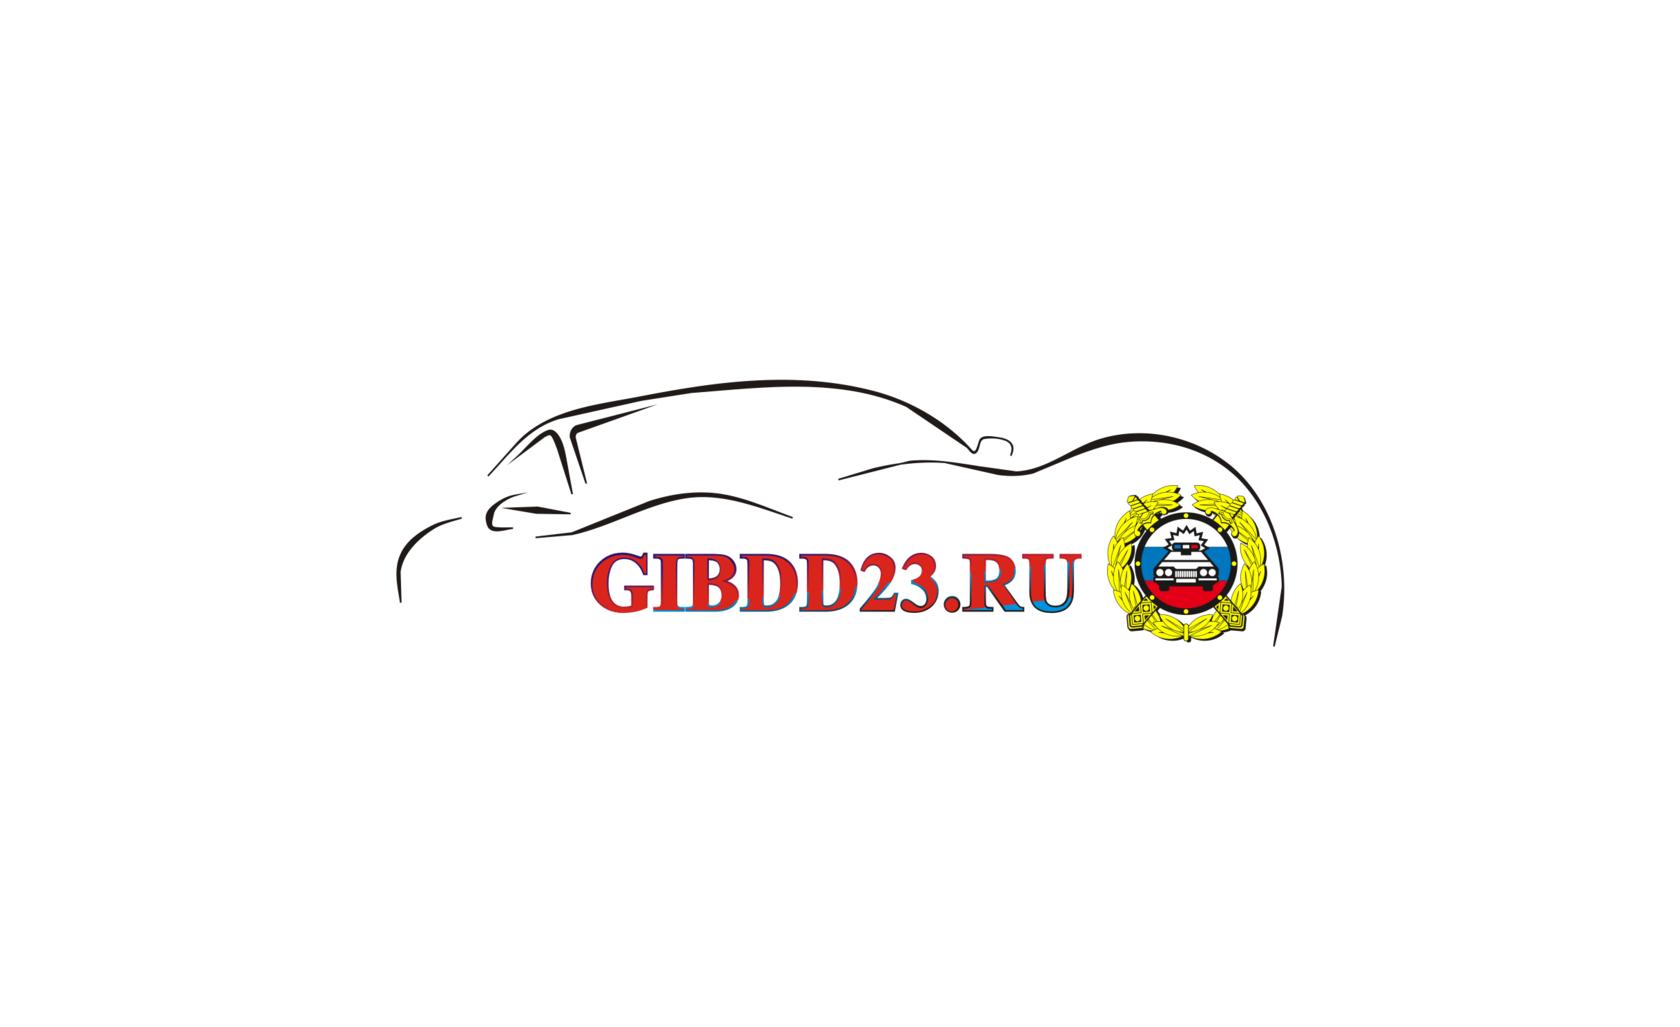 (c) Gibdd23.ru